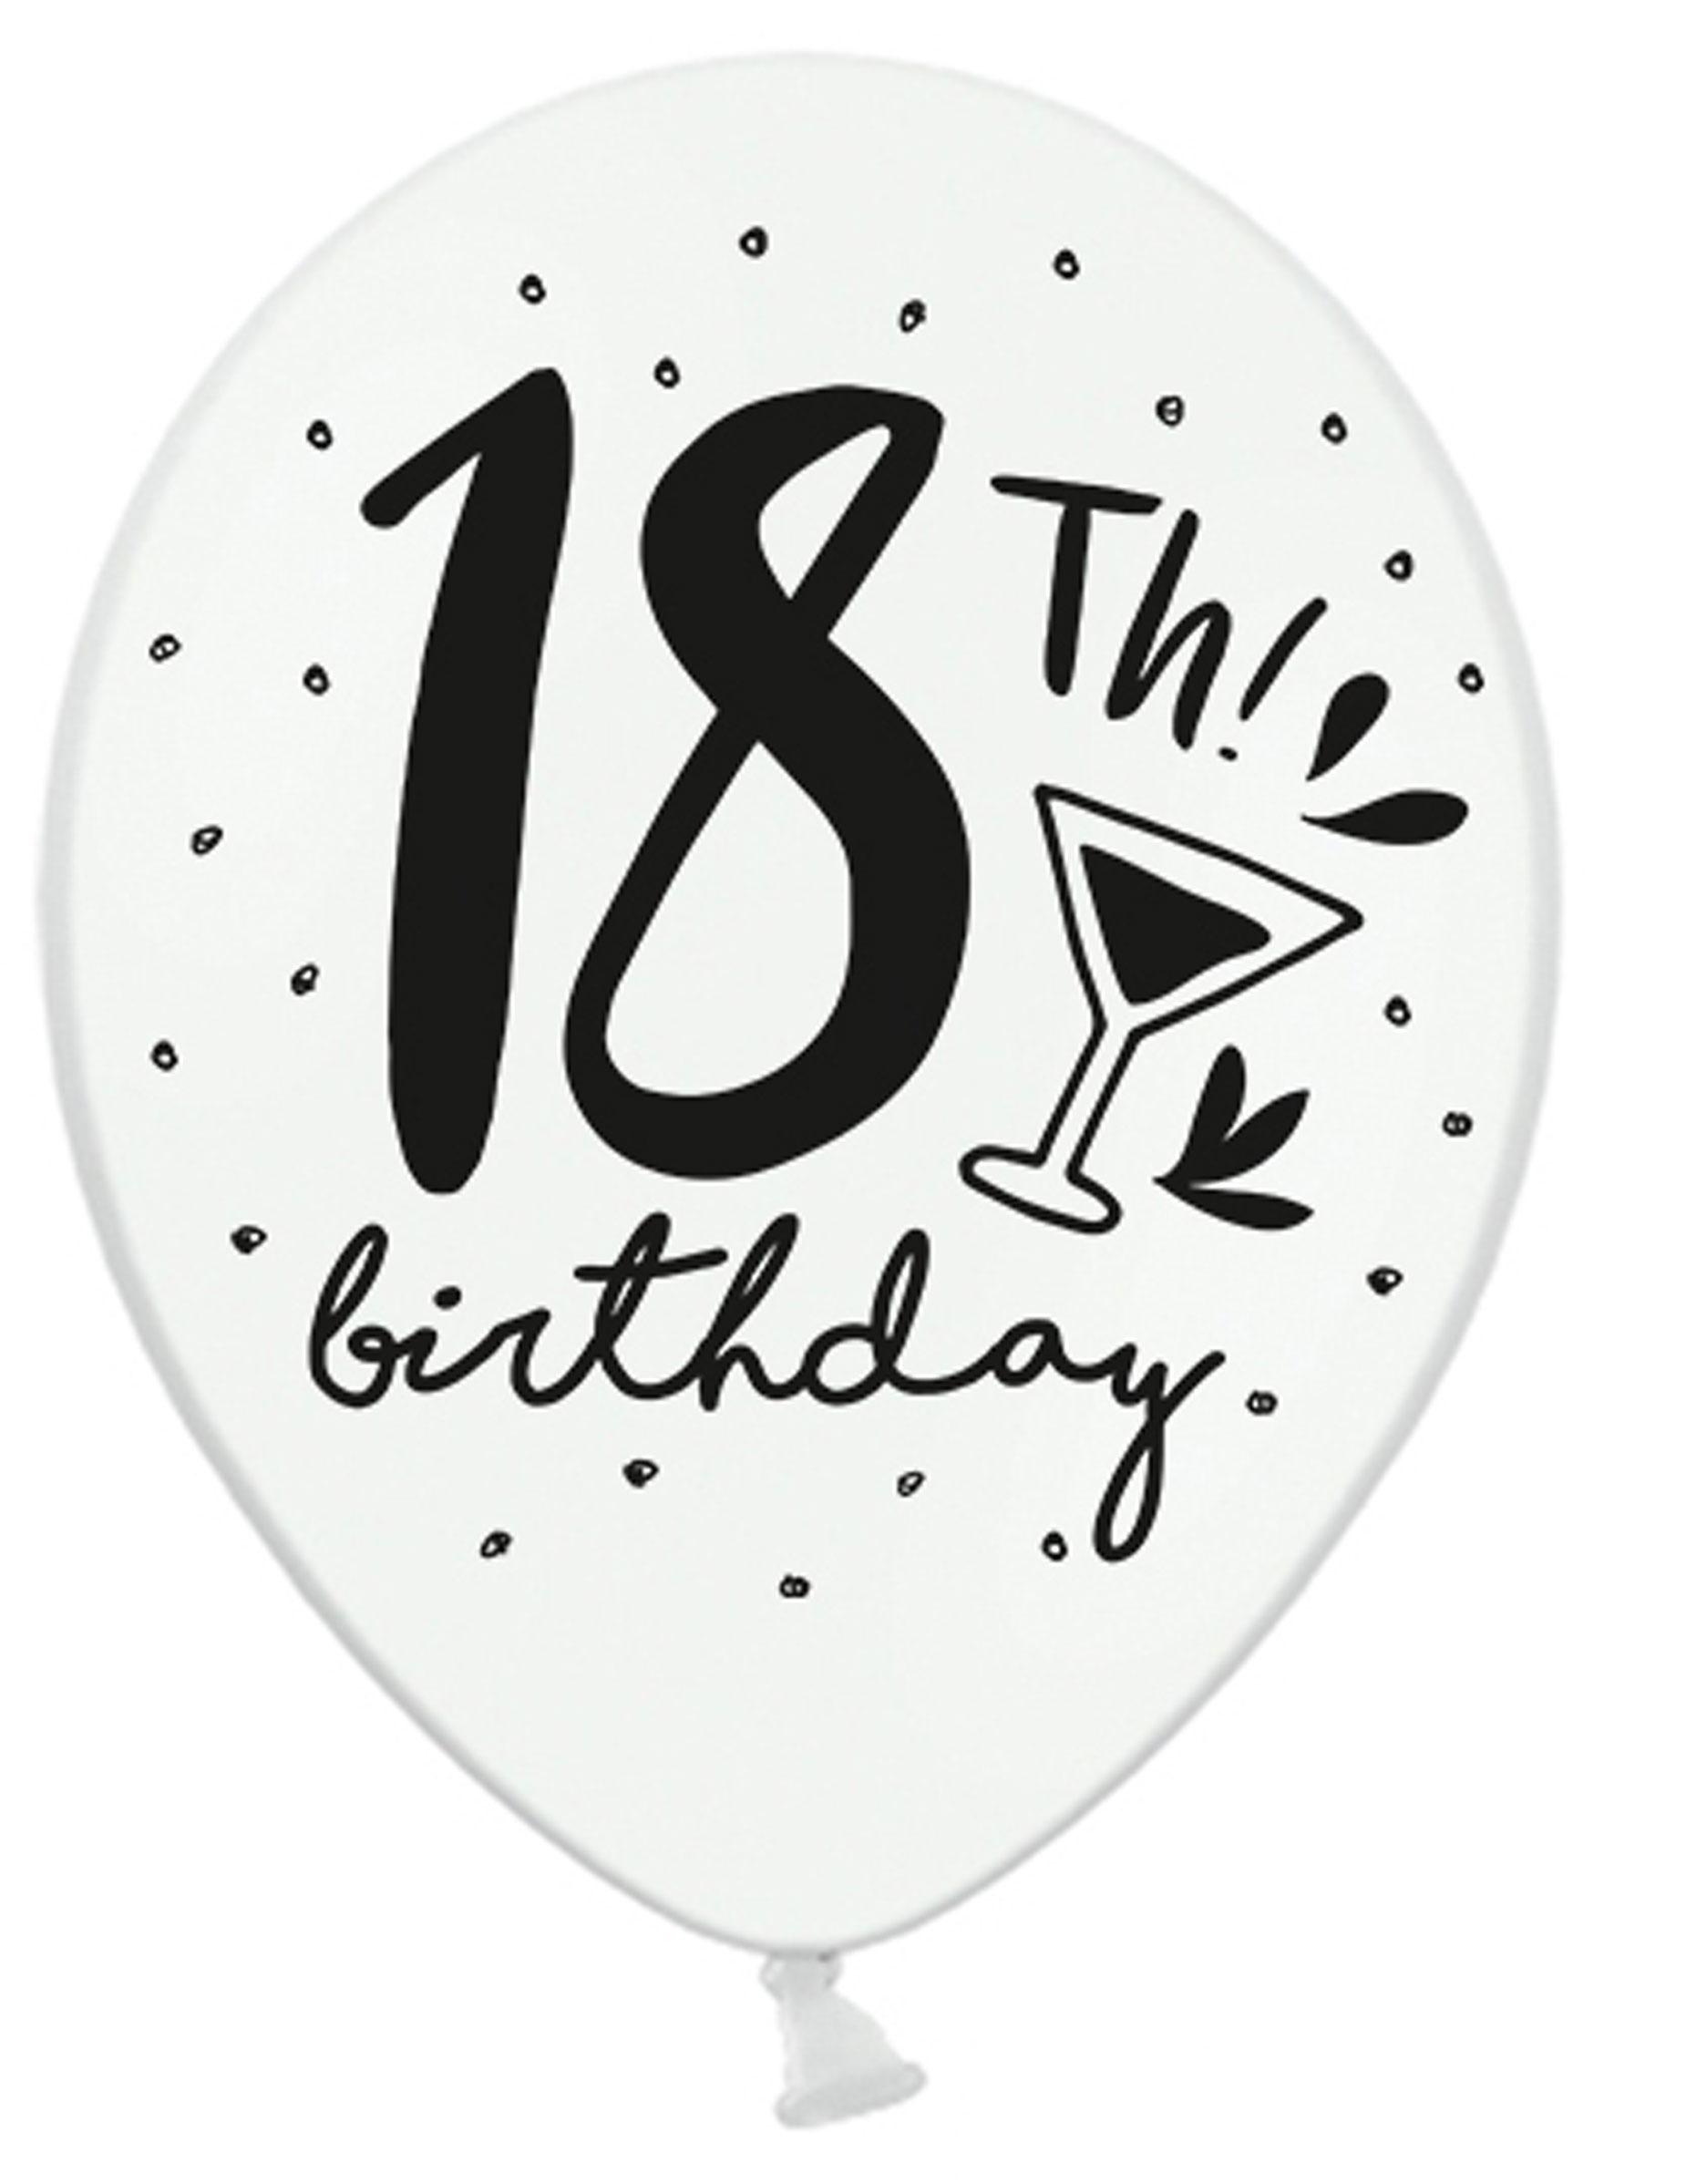 6 Ballons Blanc Et Noir 18th Birthday 30 Cm Décoration Anniversaire Et Fêtes à Thème Sur Vegaoo Party